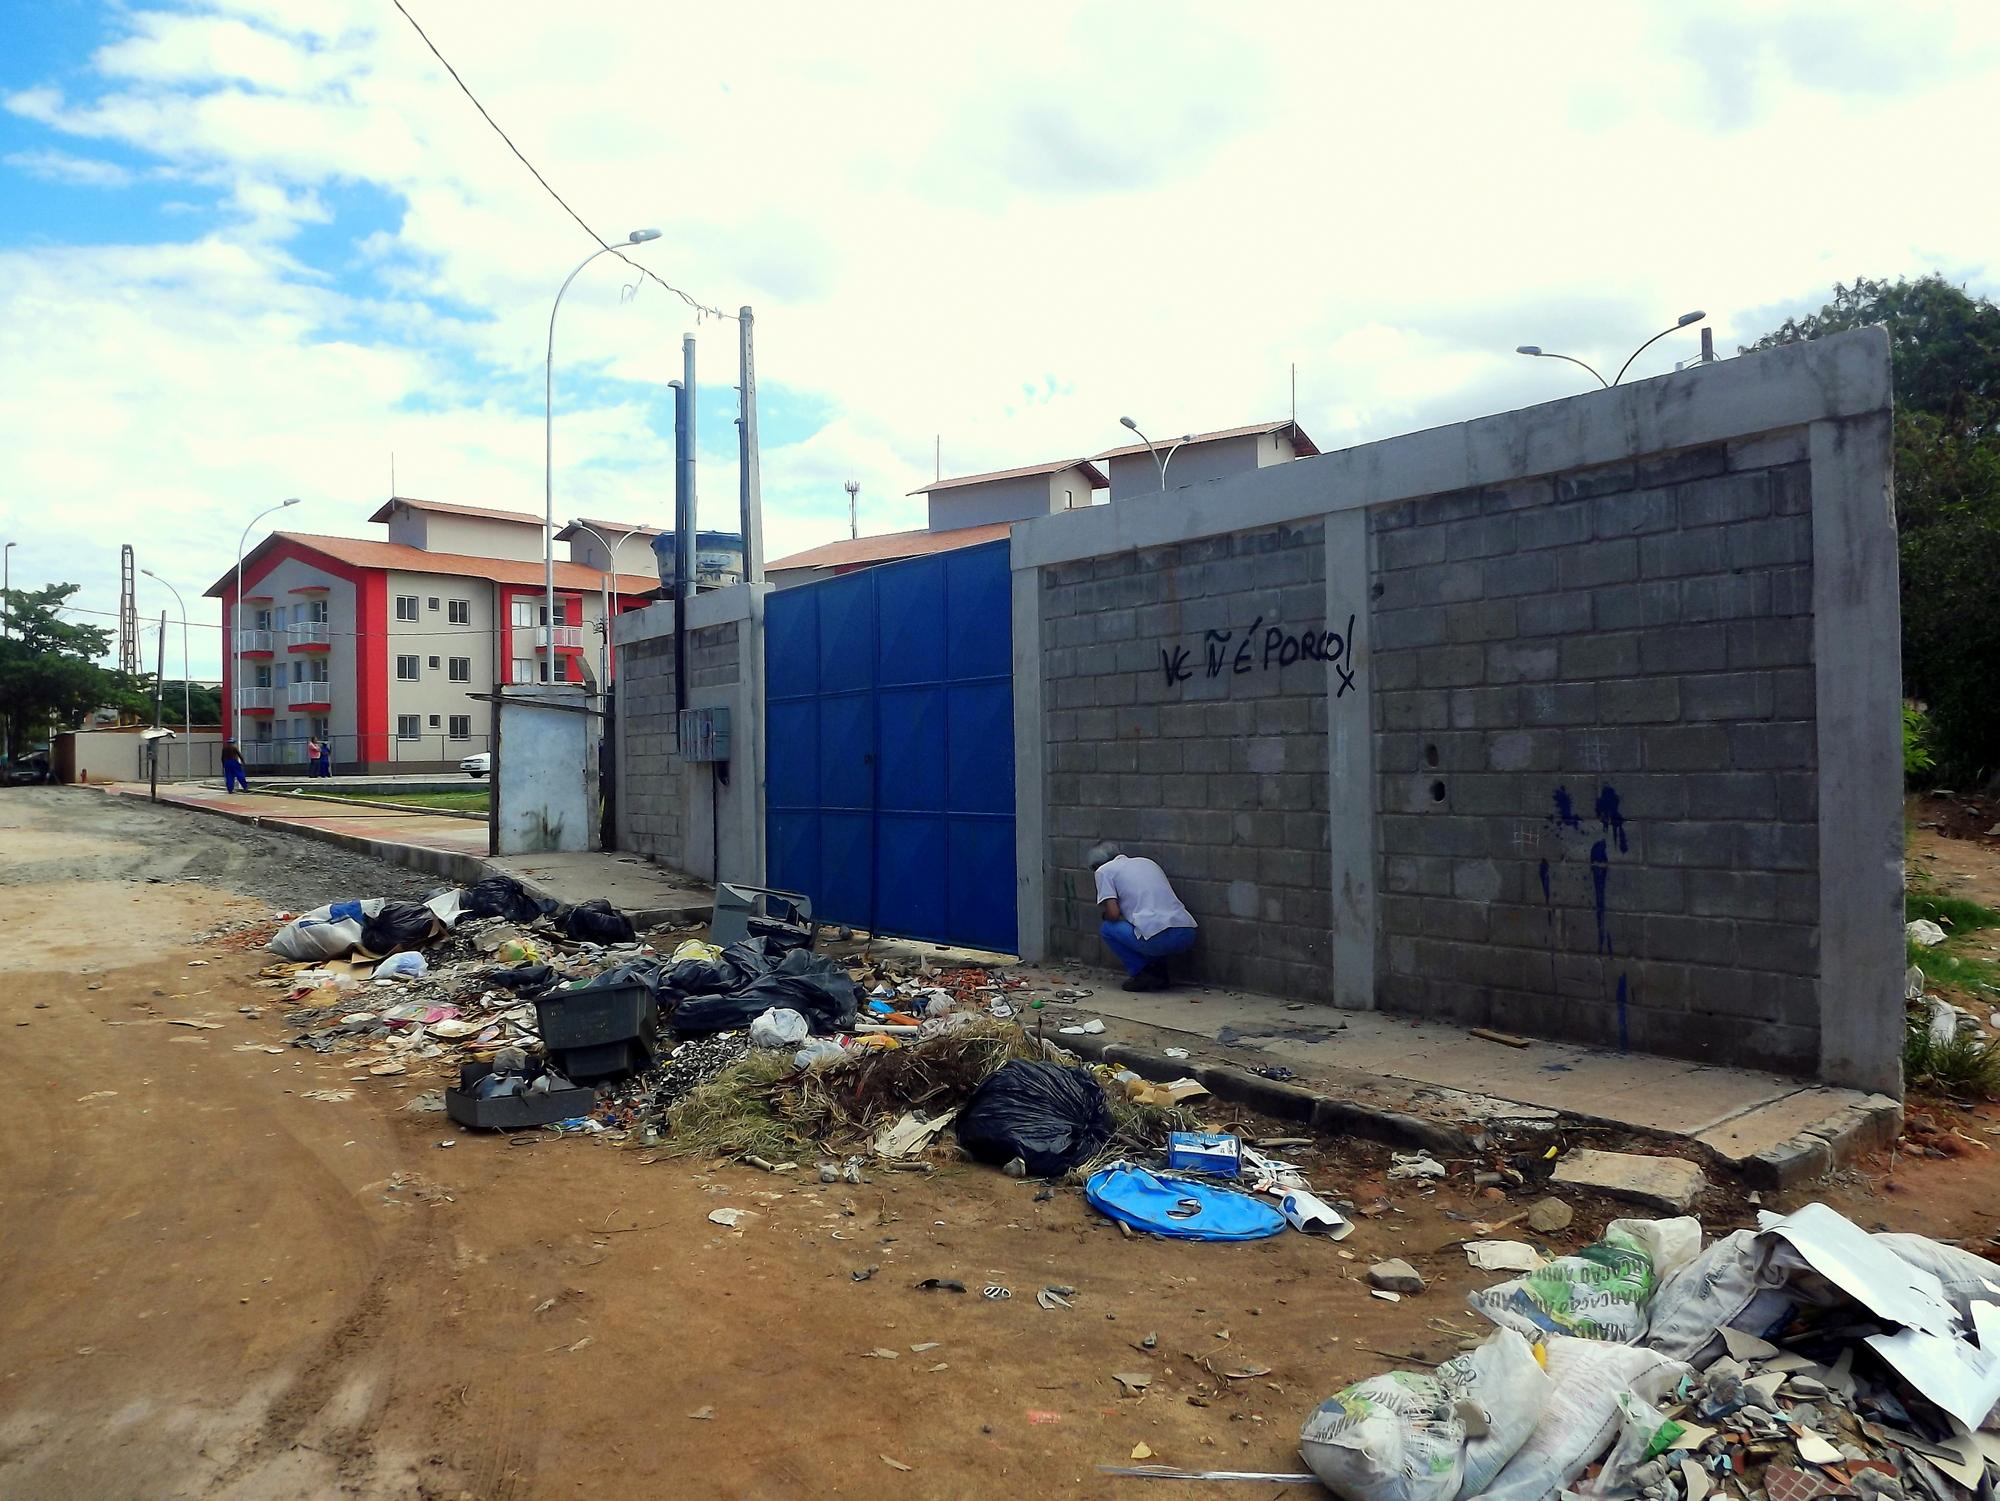 Brasil, resíduos e as cidades: desigualdades sociais e gestão desintegrada / Arthur Eduardo Becker Lins